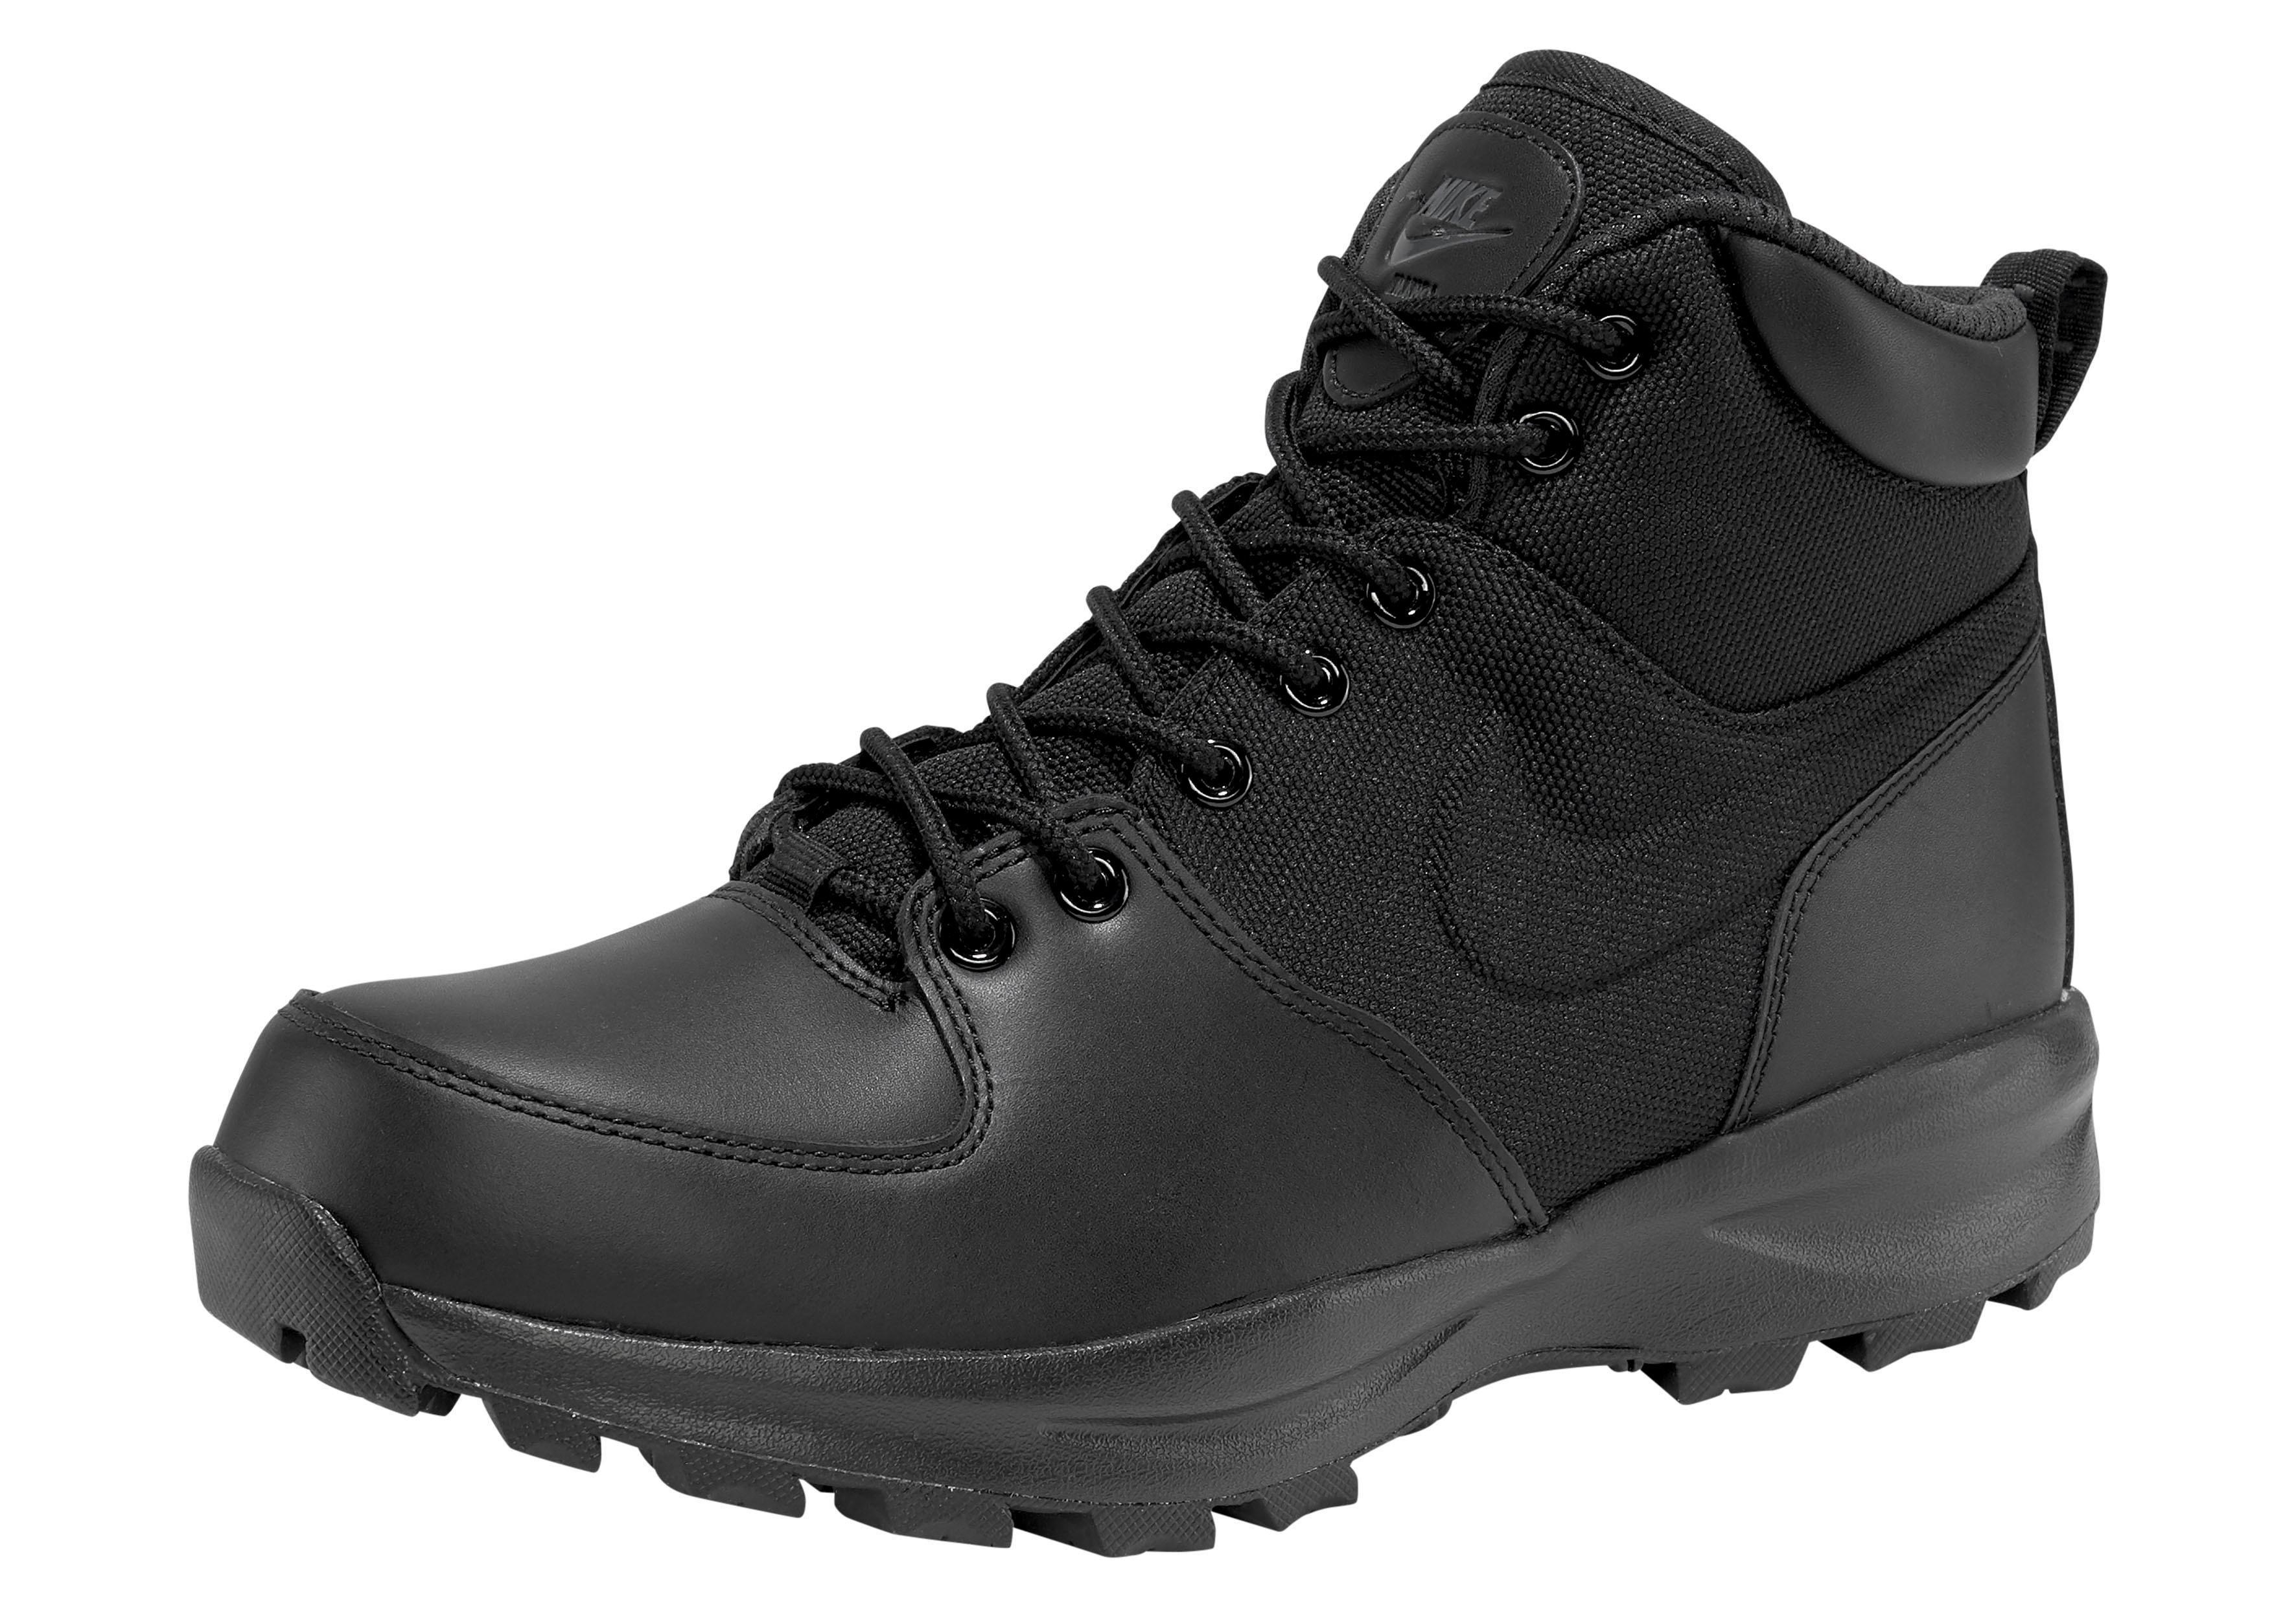 Nike Sportswear hoge veterschoenen »Manoa« bestellen: 30 dagen bedenktijd